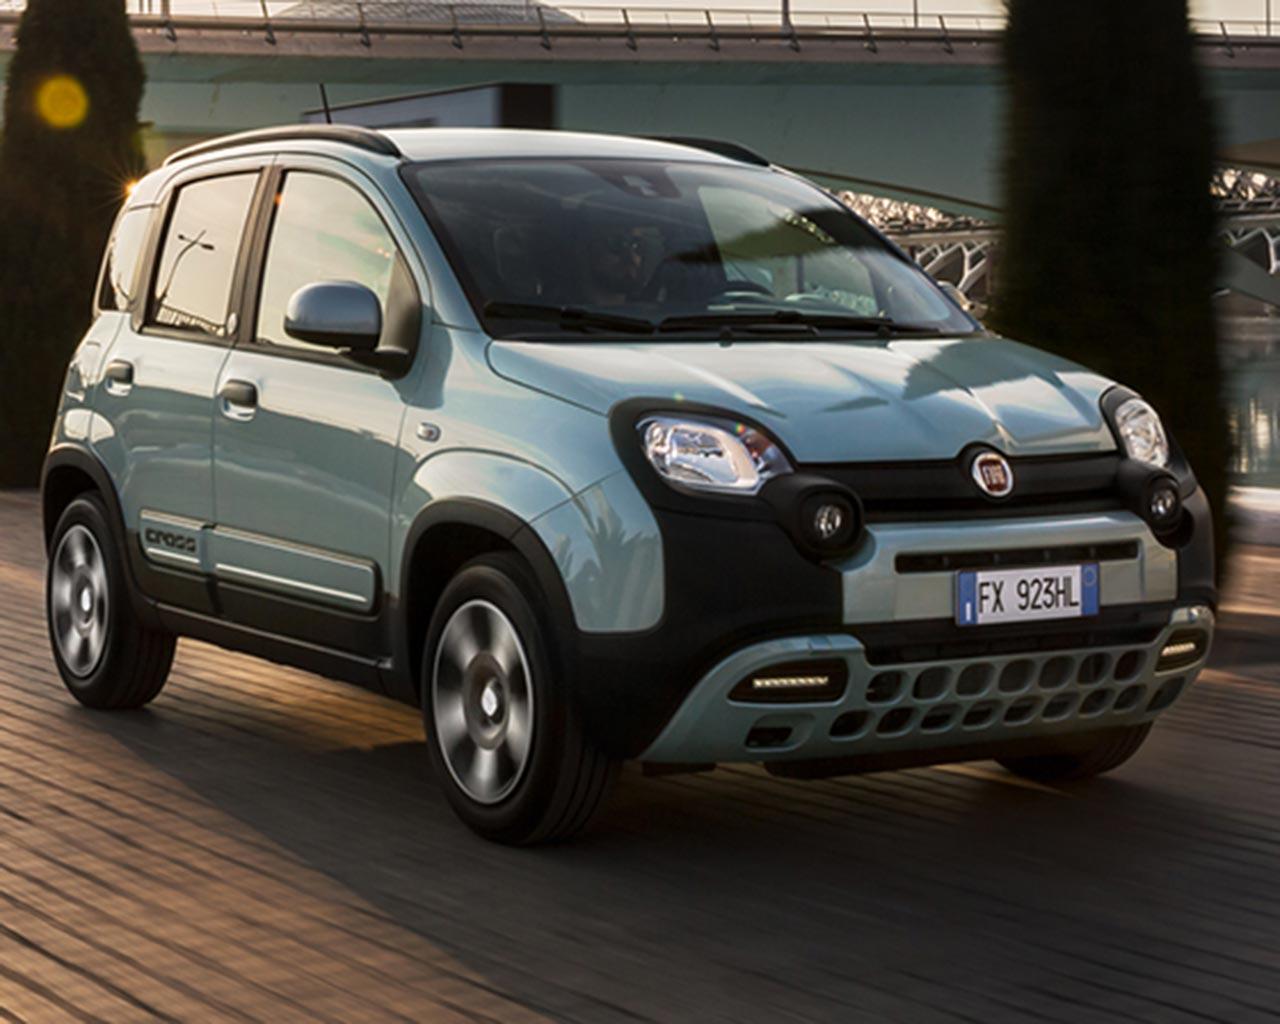 Fiat Panda Hybrid L Era Delle Basse Emissioni Tuning Generation Notizie Dal Mondo Del Tuning Auto Nuove E Preparate